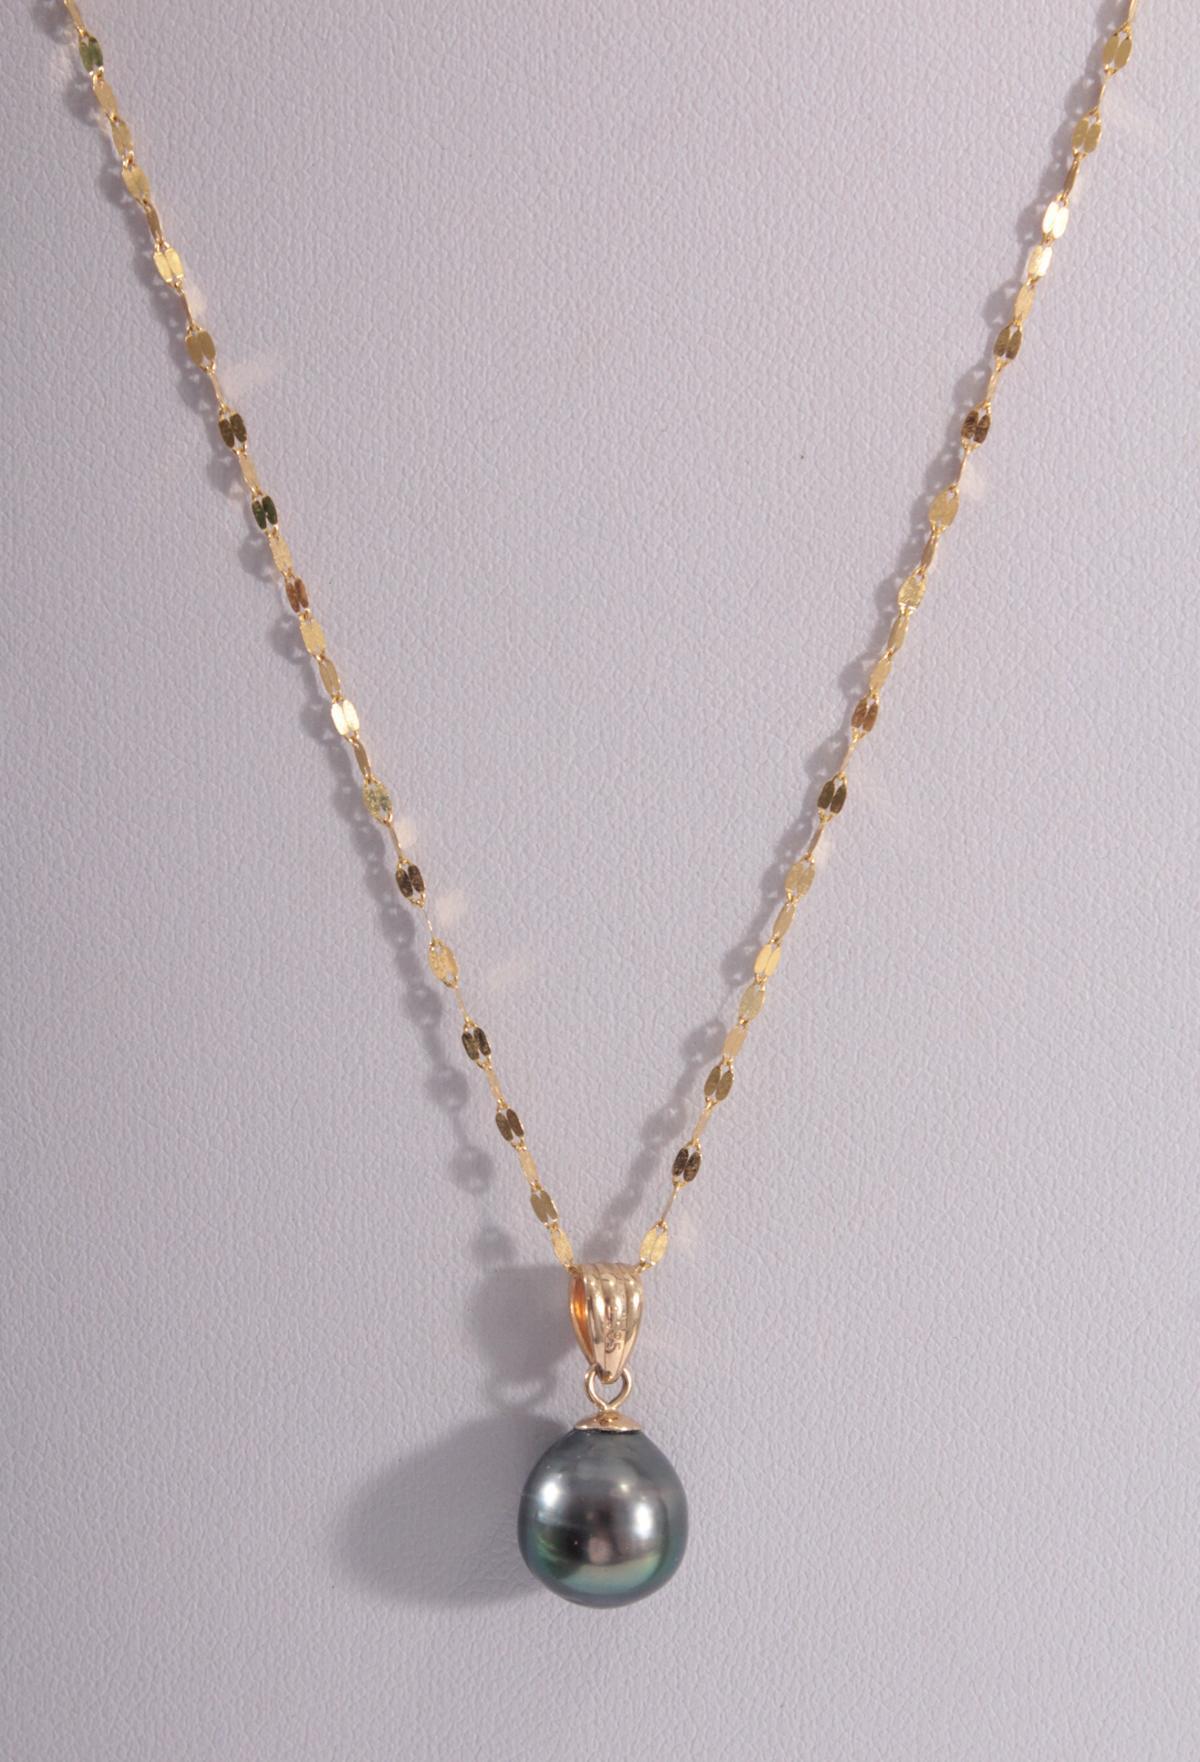 Halskette mit Tahitiperle, 14 und 18 Karat Gelbgold-2